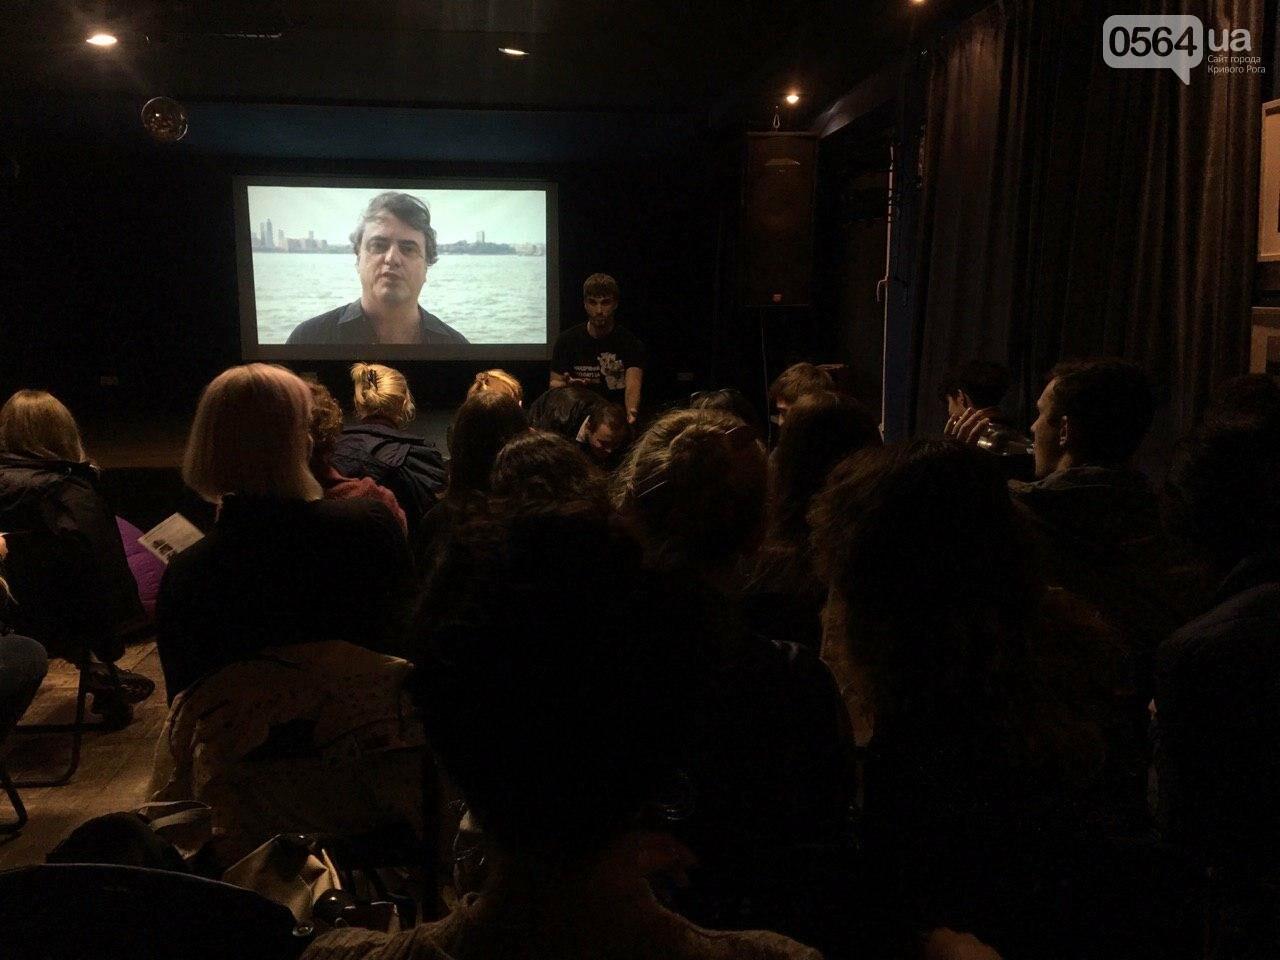 Криворожане проголосовали за лучшие короткометражные фильмы, показанные в рамках Манхеттенского фестиваля, - ФОТО, ВИДЕО , фото-13